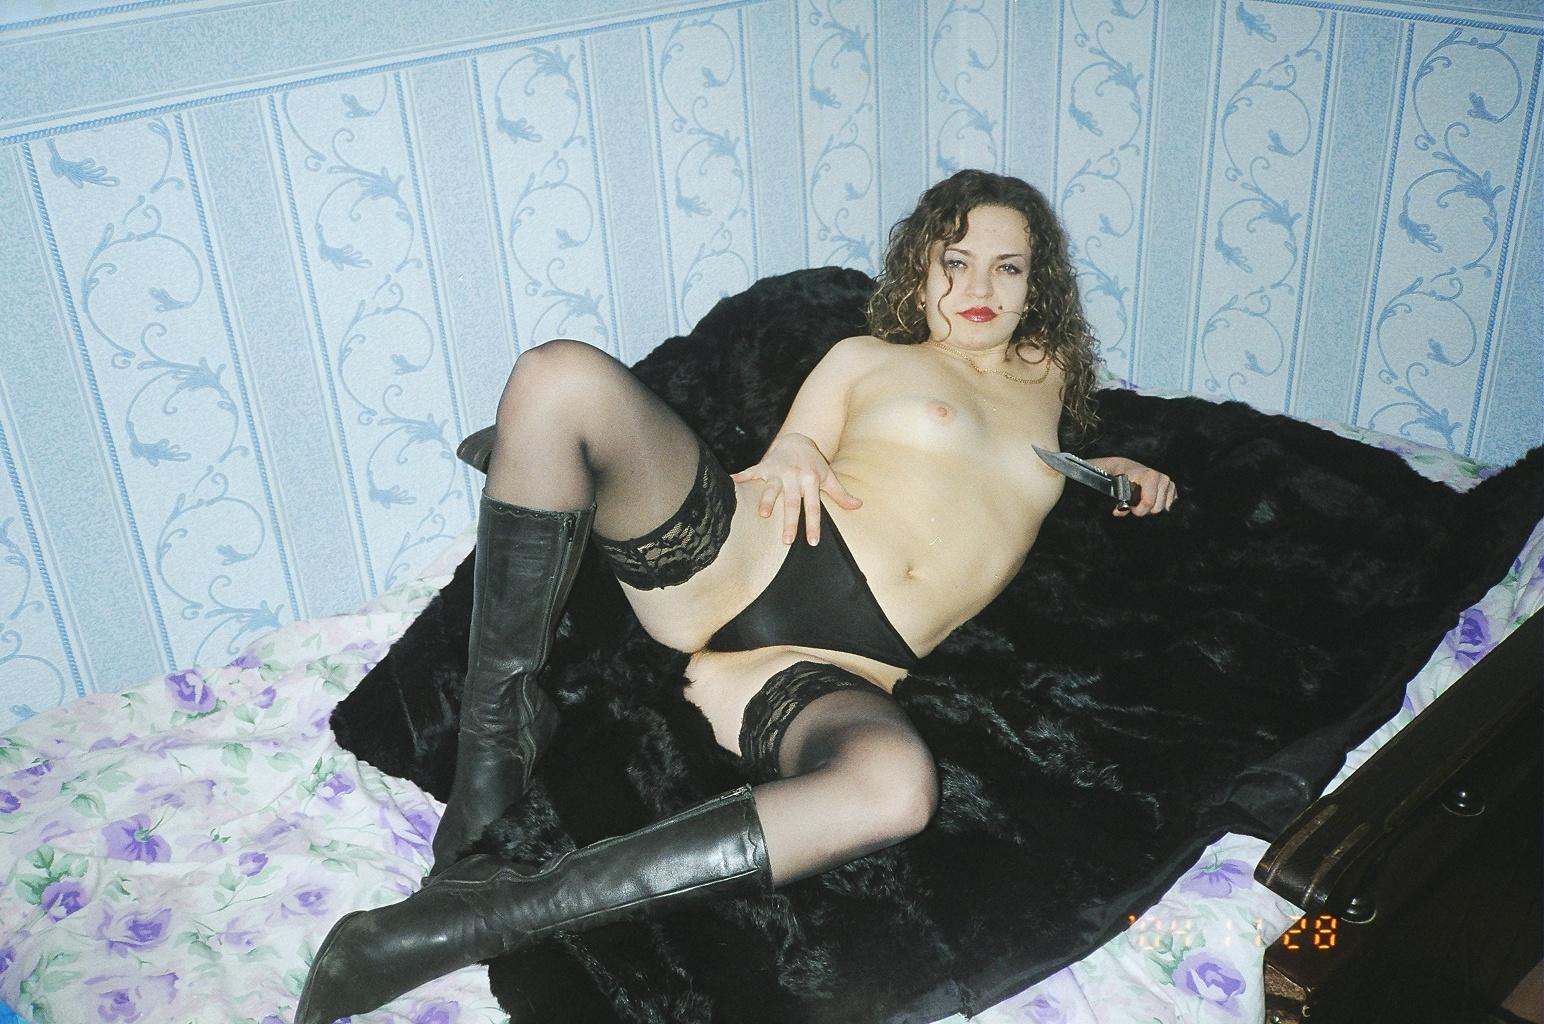 Частное порно фото девушек 90х, Интимные снимки из 90х от незамужних барышень - секс 11 фотография